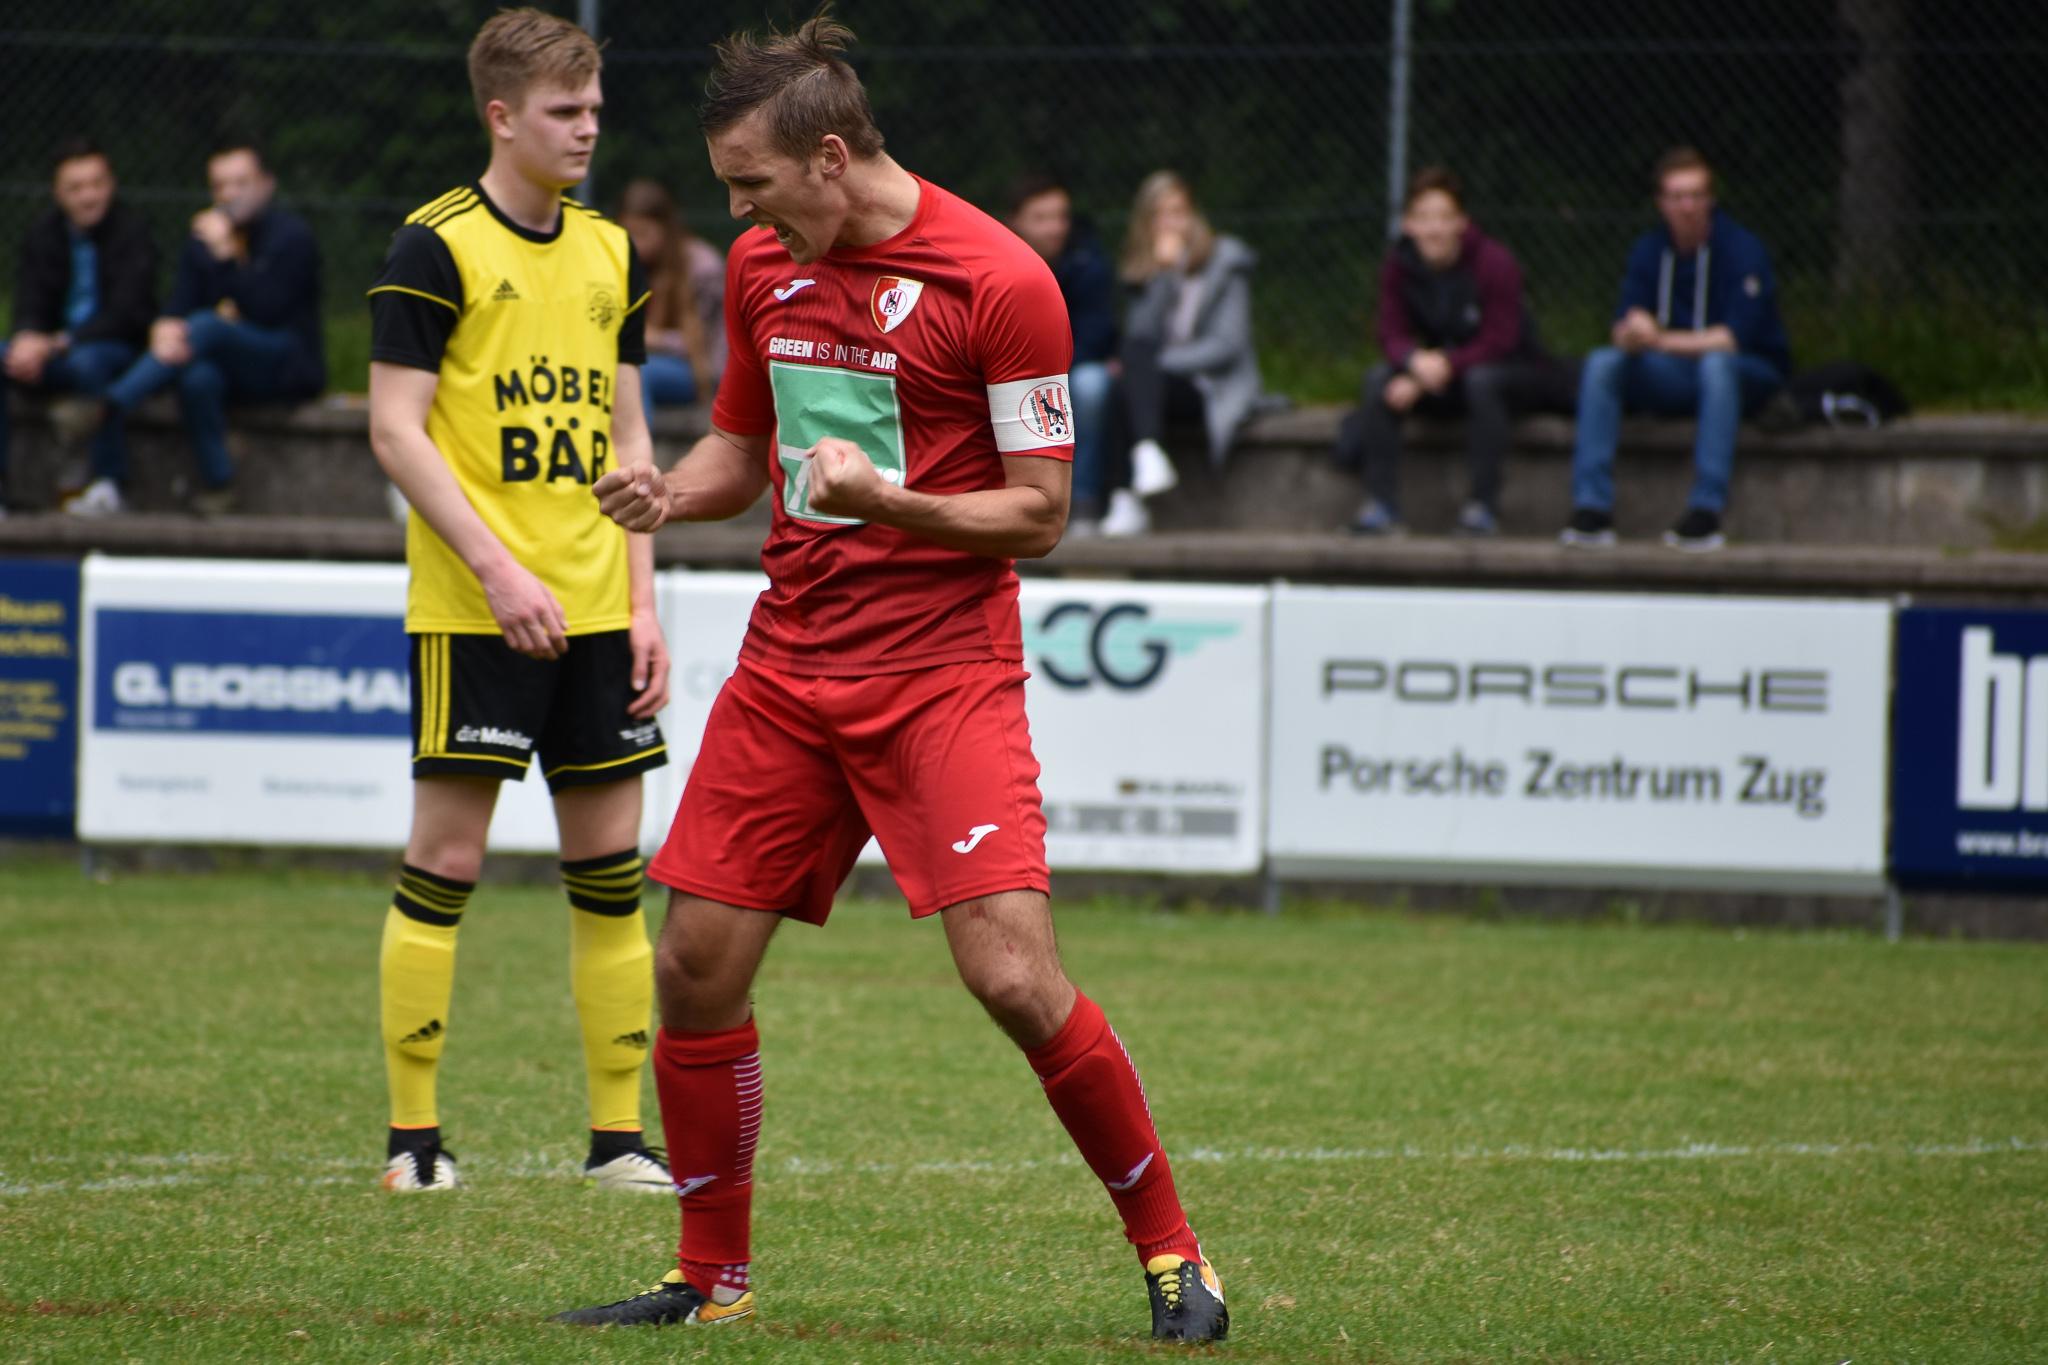 FC Hergiswil Captain Yves Erni bejubelt seinen Führungstreffer. Foto: Ronny Arnold